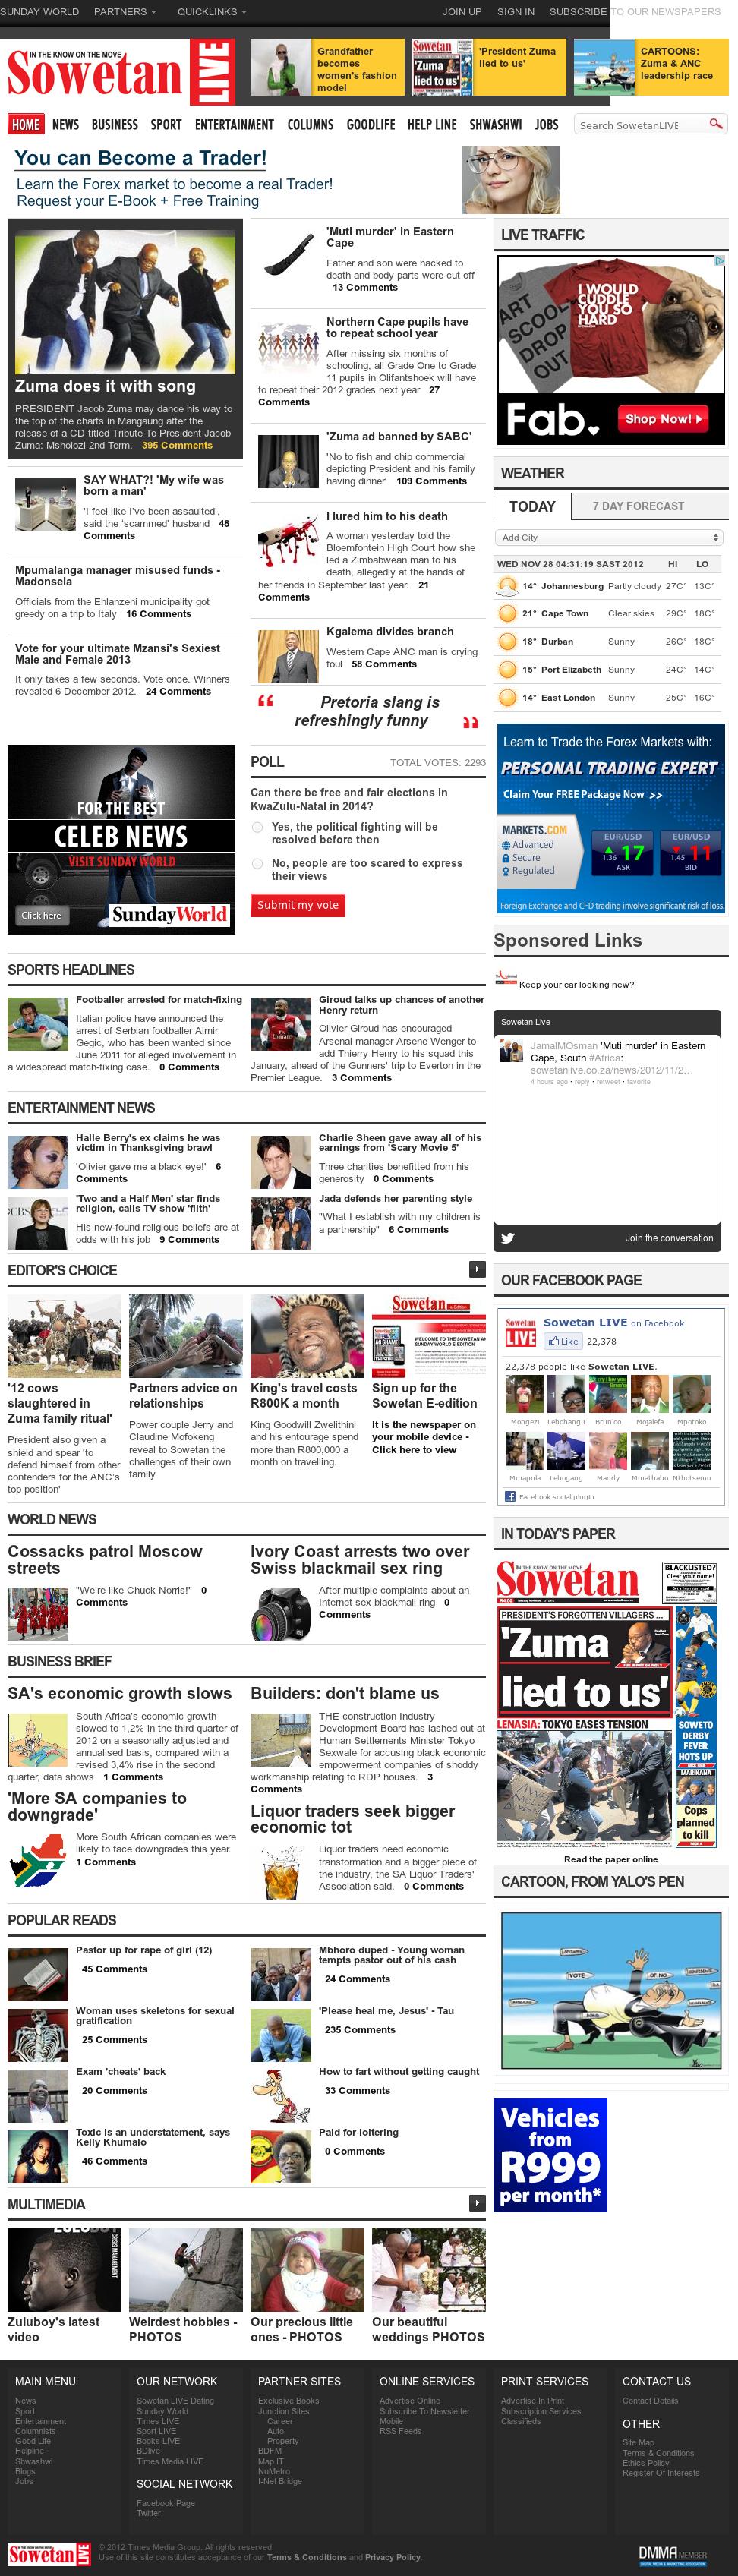 Sowetan Live at Wednesday Nov. 28, 2012, 3:36 a.m. UTC